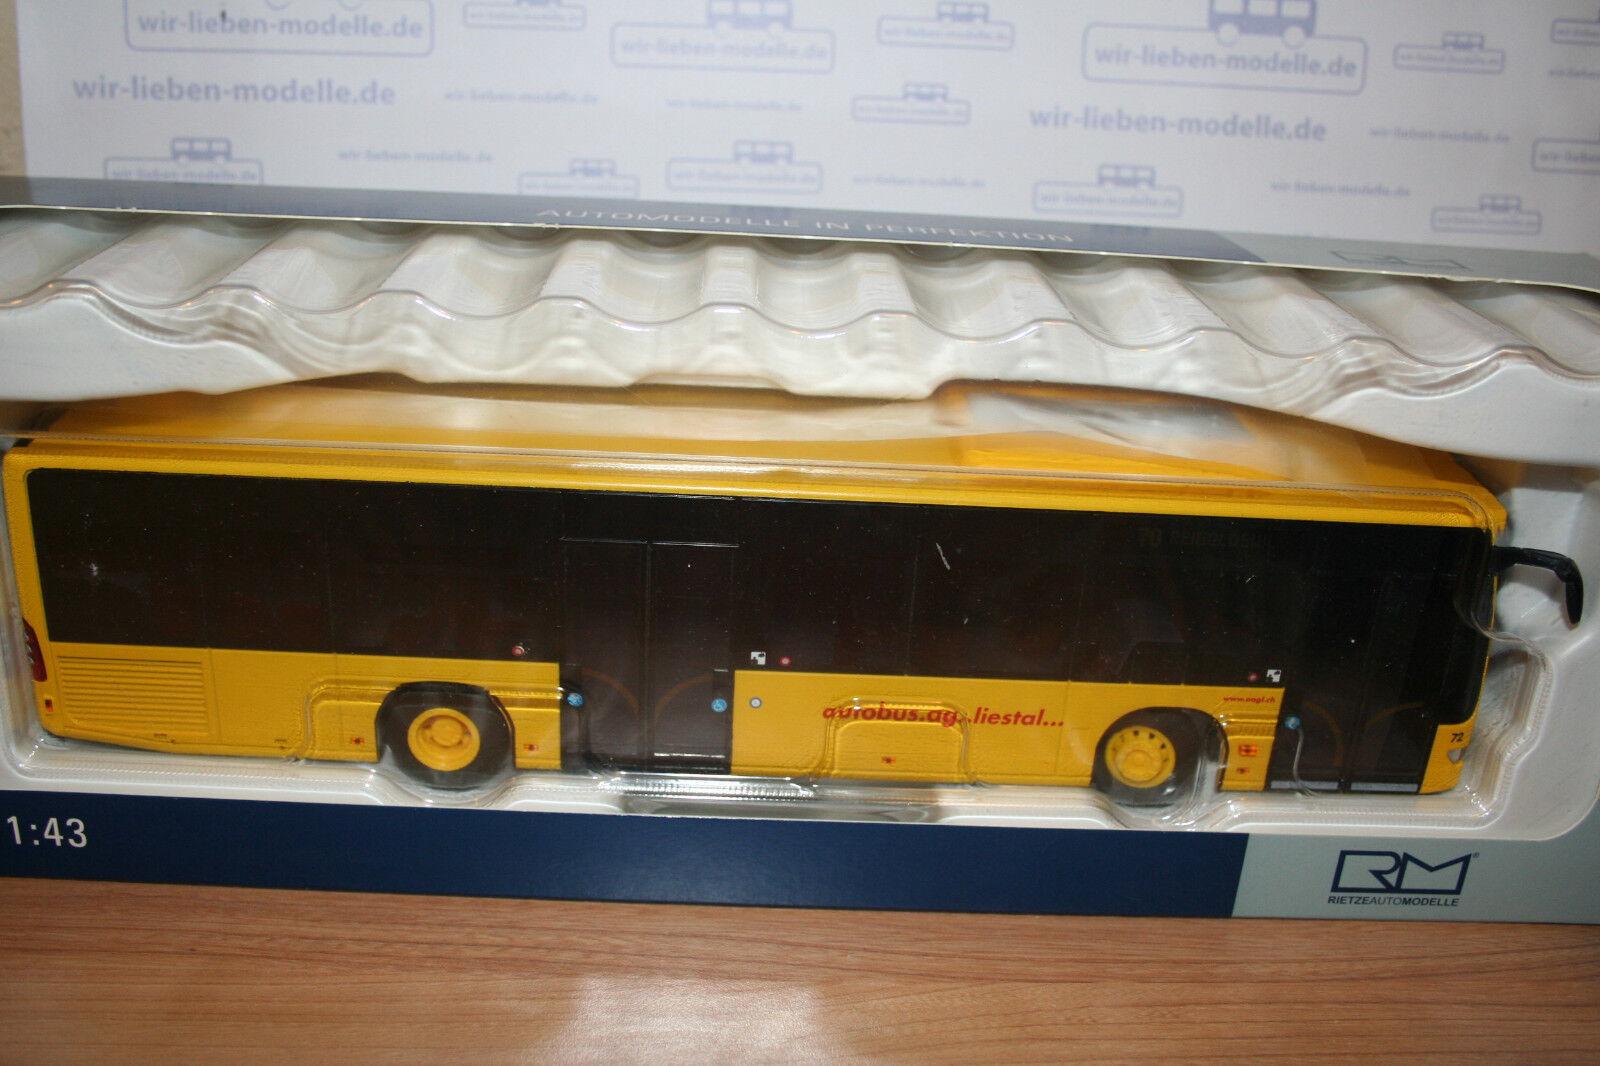 Rietze 14232, Mercedes MB Citaro, 1 43, Autobus Autobus Autobus AG; Liestal, Schweiz, neu, OVP  | Authentische Garantie  114381